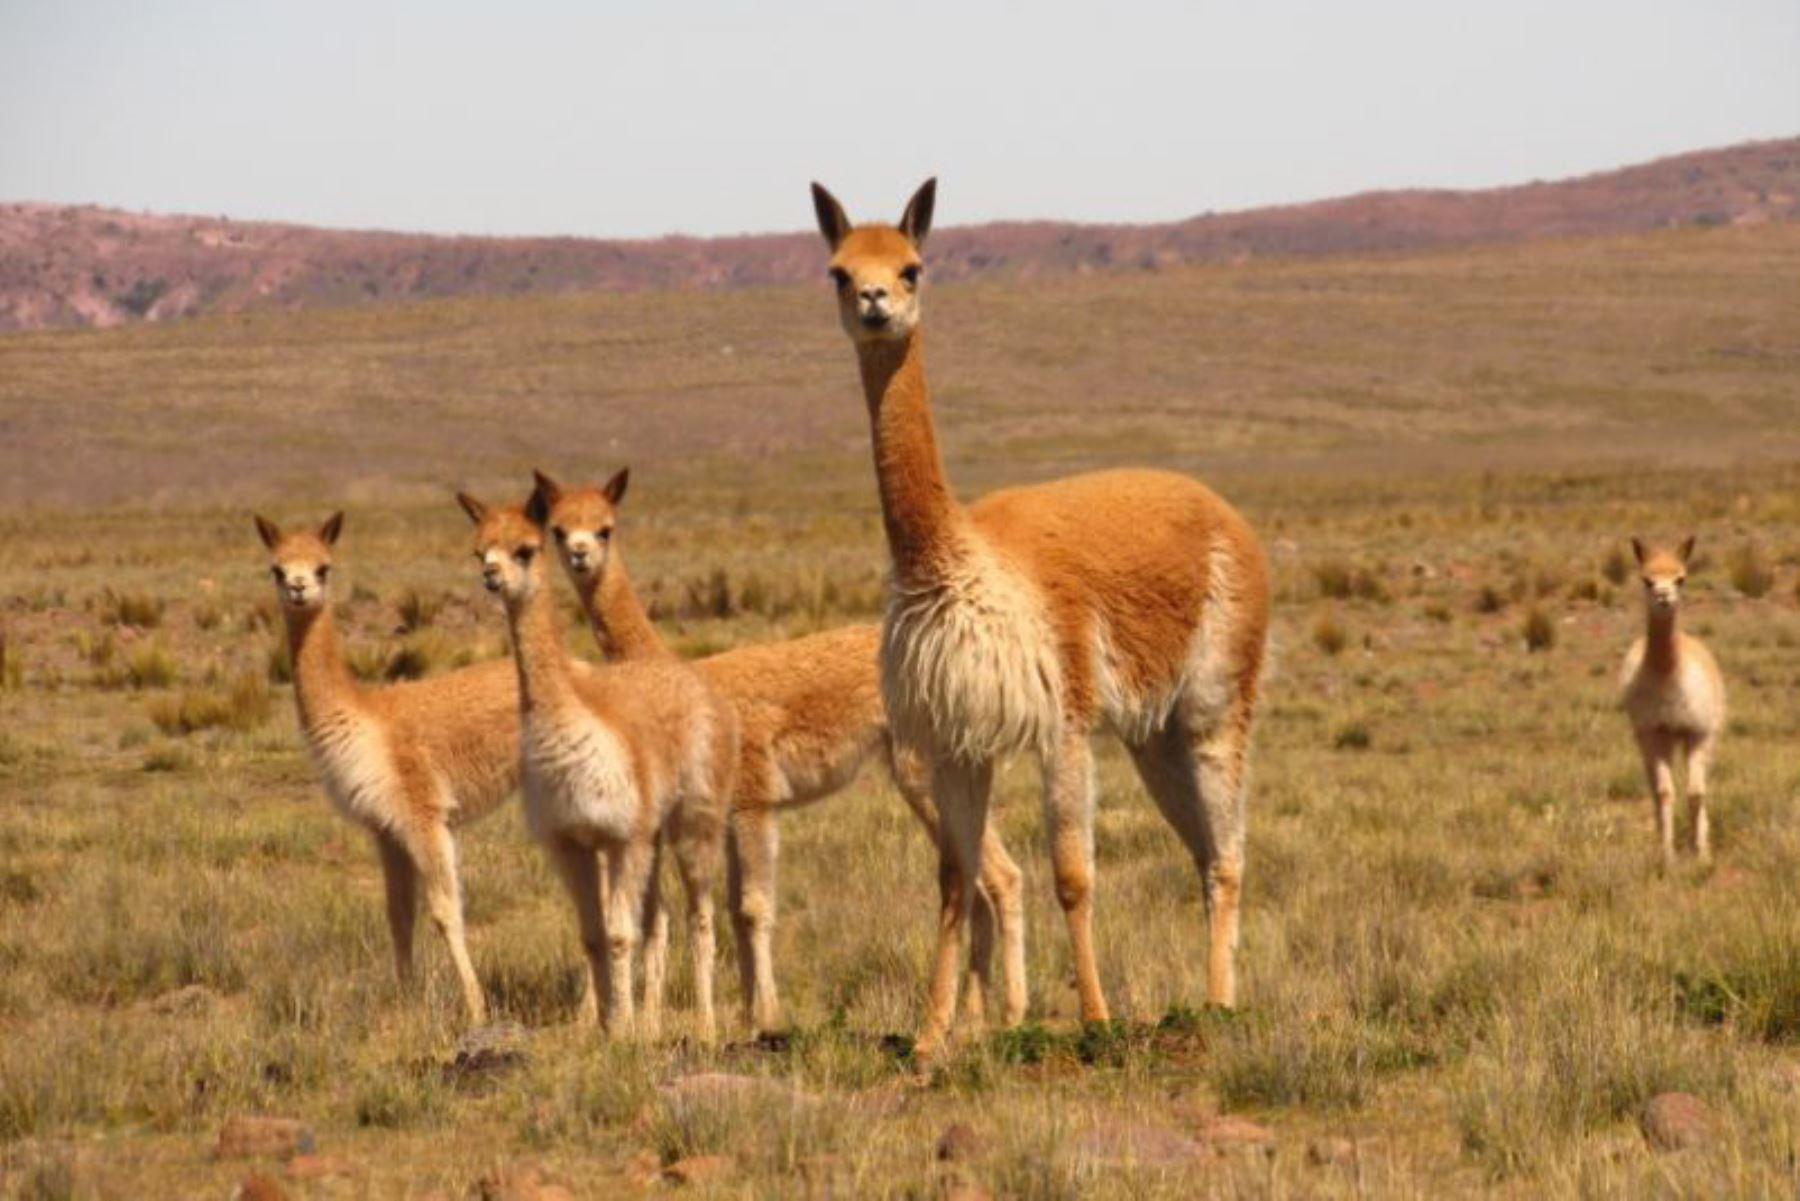 Aprovechamiento sostenible de la vicuña aumenta ingresos económicos de comunidades - Agencia Andina